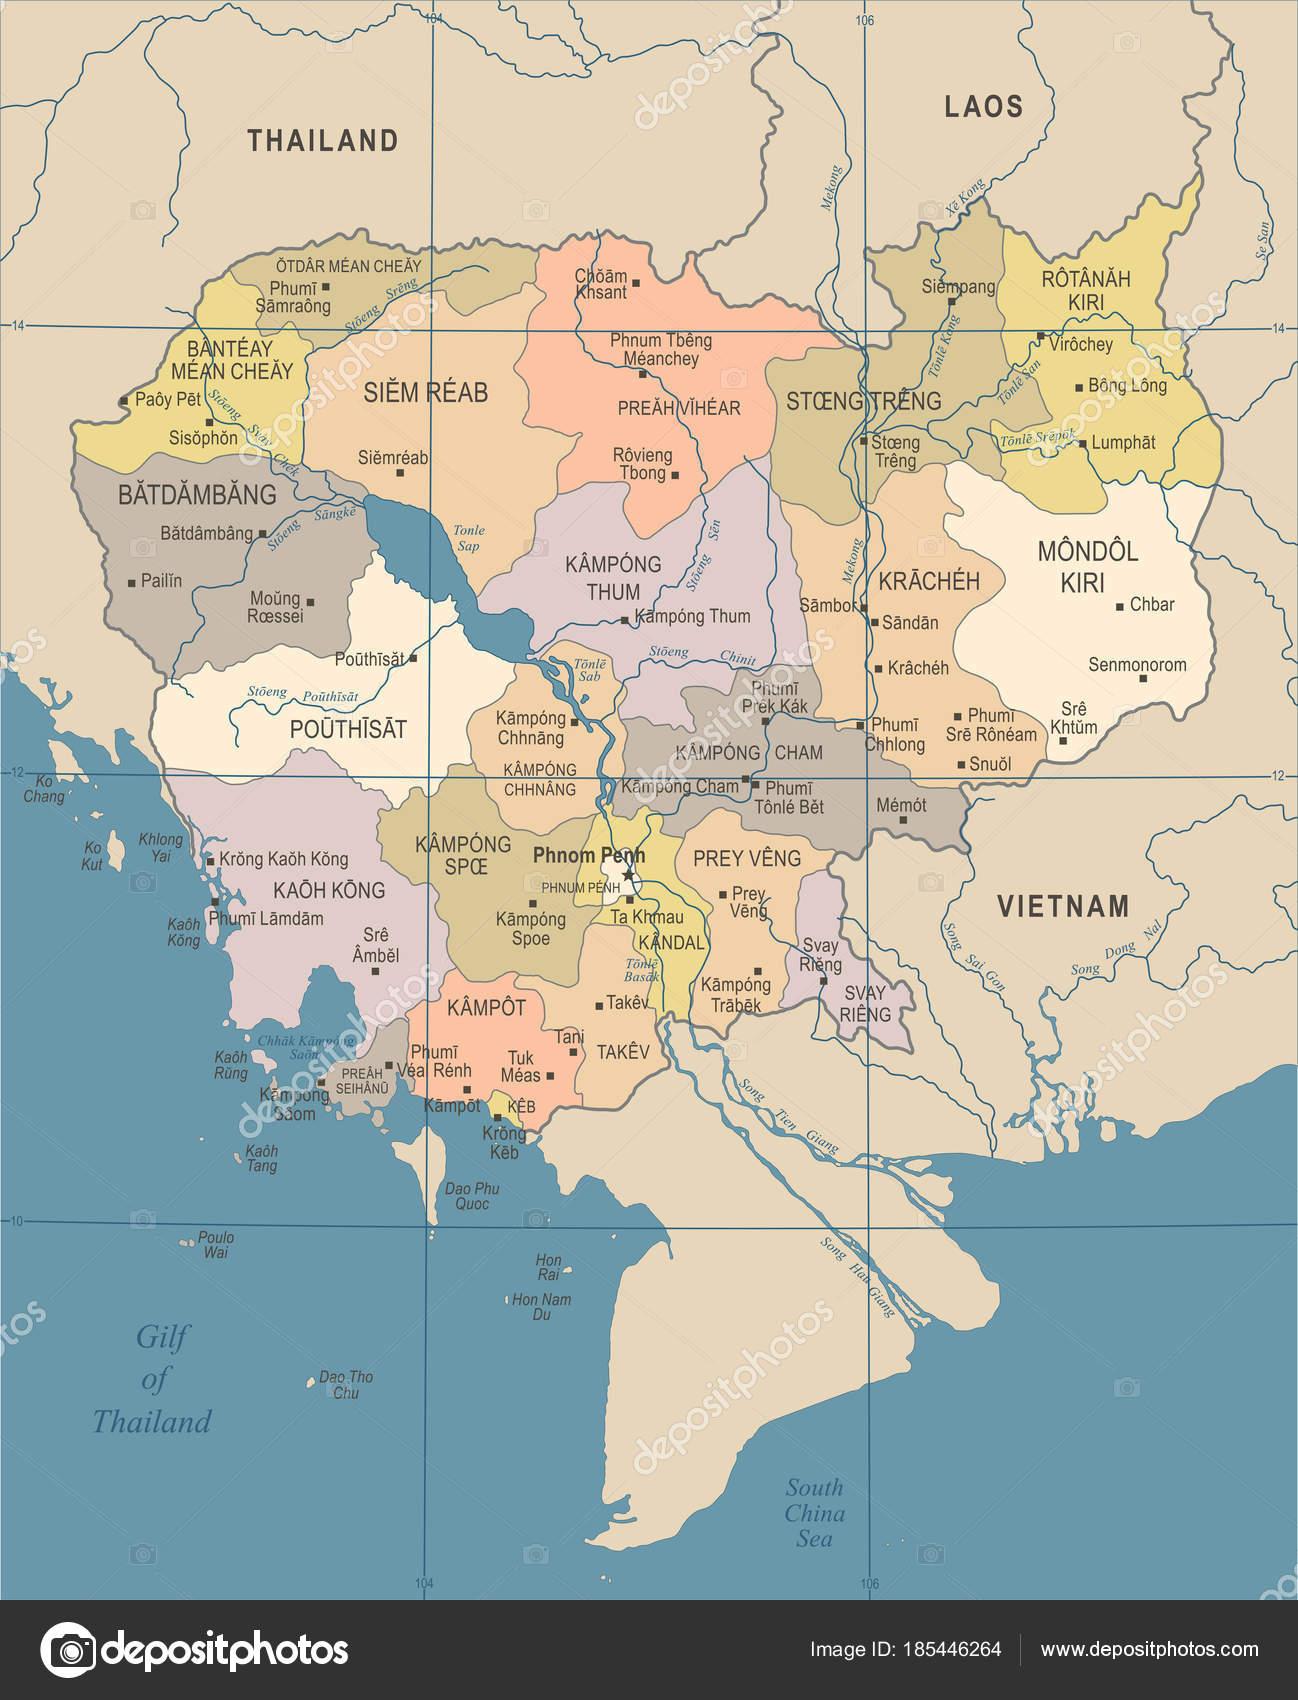 Kambodscha Karte.Kambodscha Karte Vintage Detaillierte Vektor Illustration